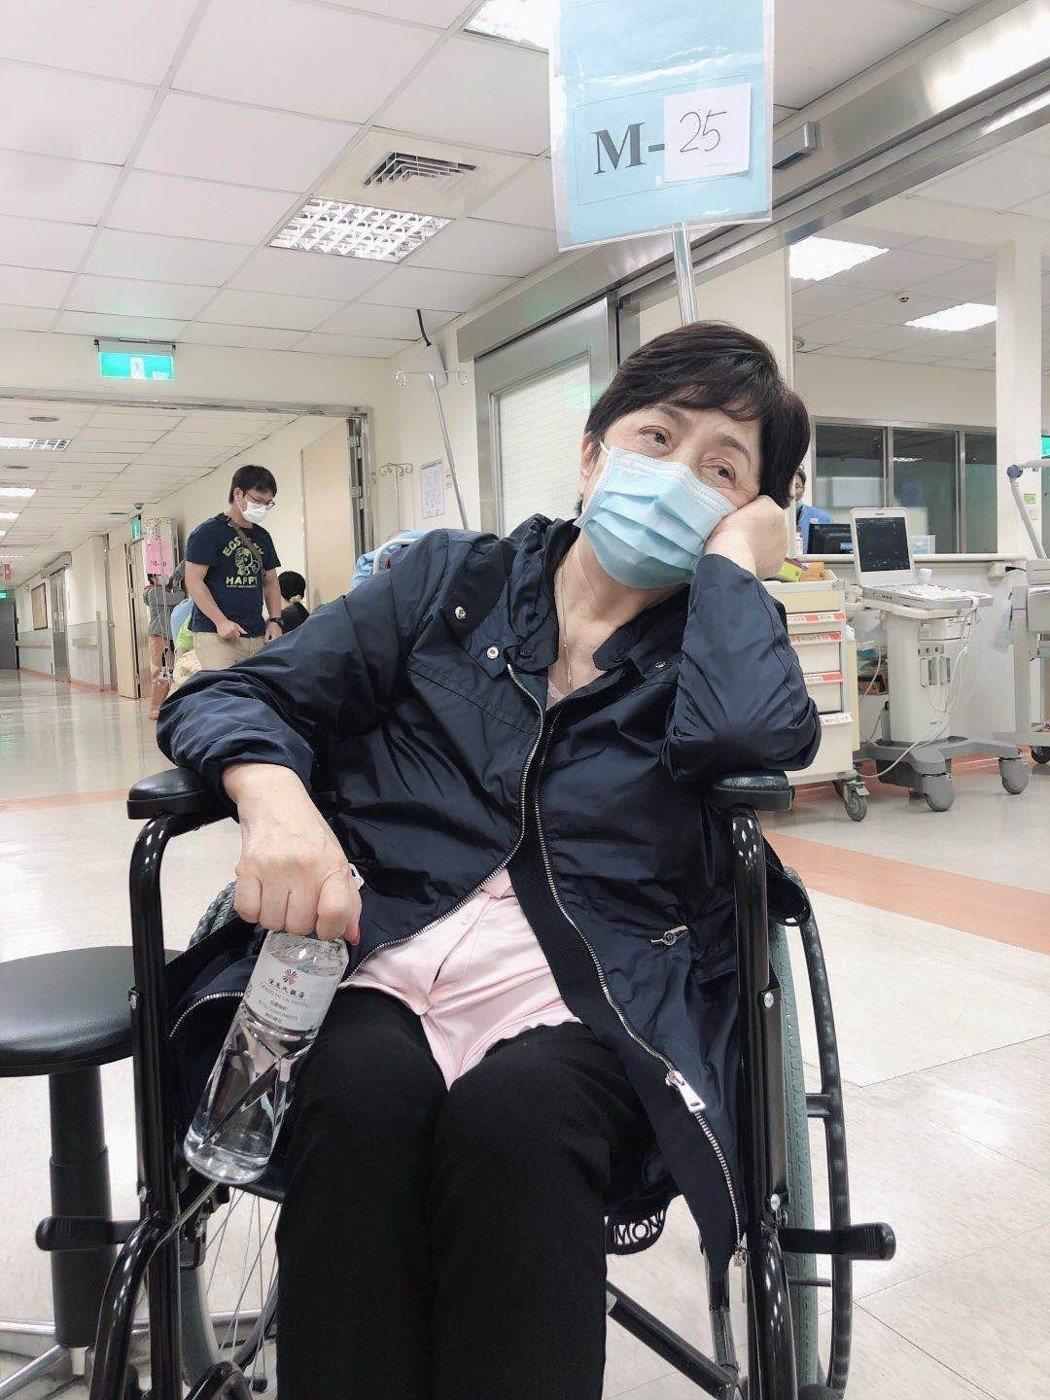 甄珍在高雄連日來行程滿檔,疑太過勞累病倒就醫,目前已無大礙出院休息。圖/甄珍助理